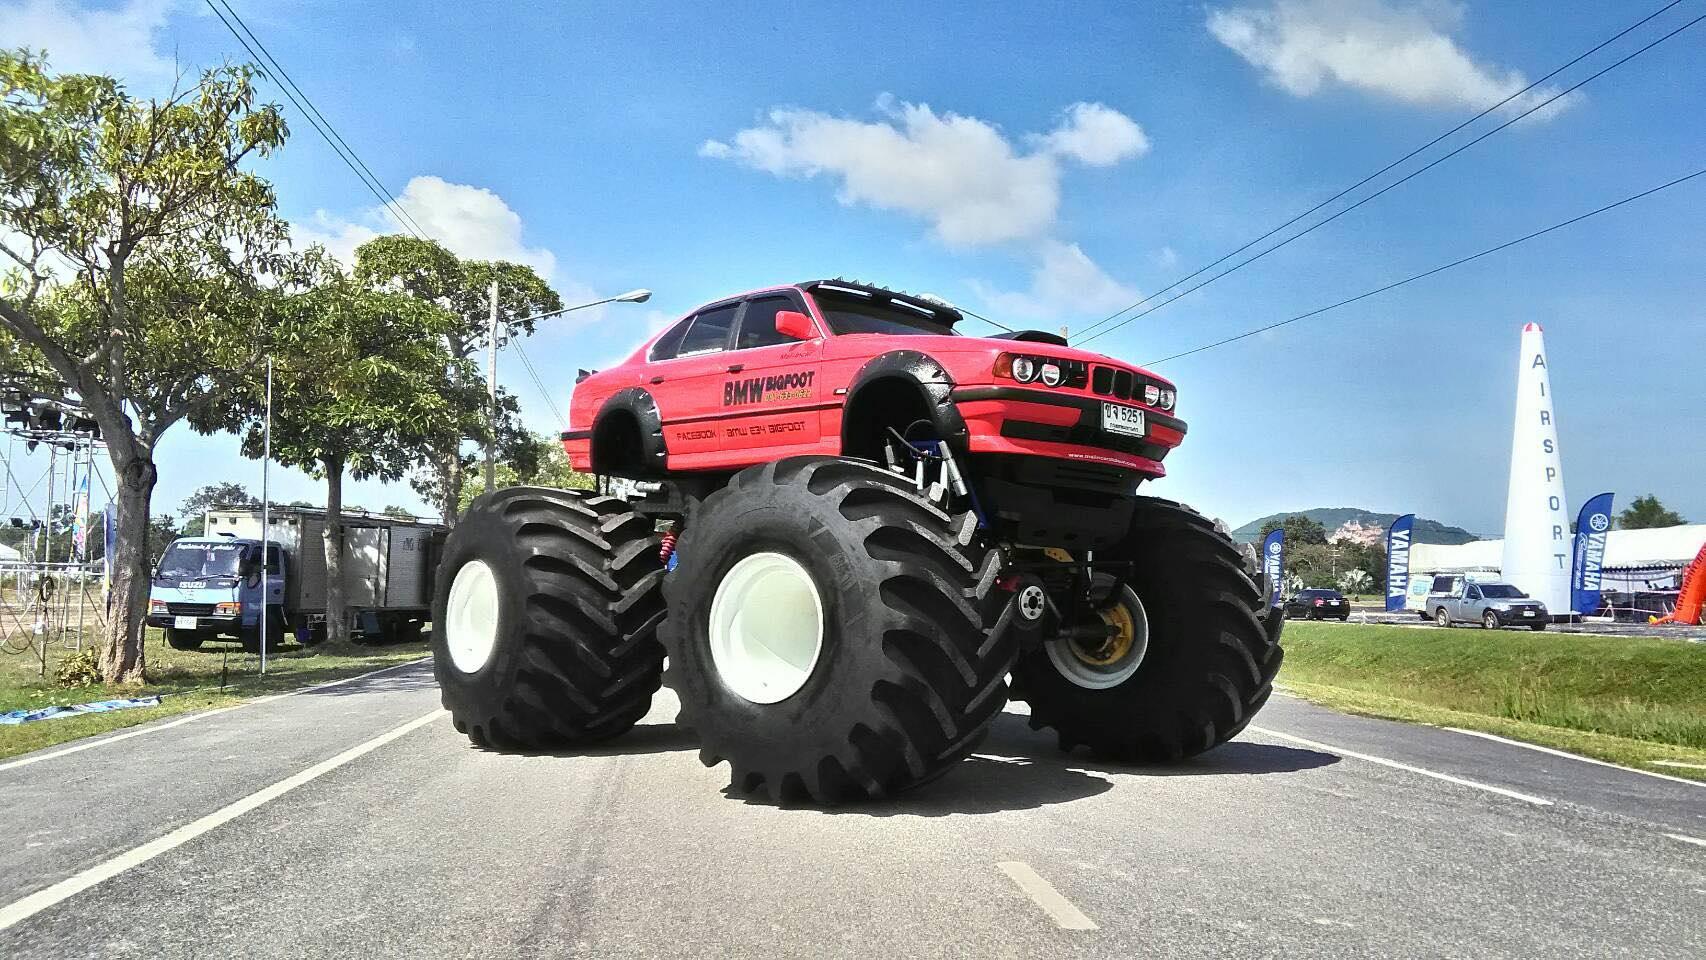 угловой машины на огромных колесах сообщают